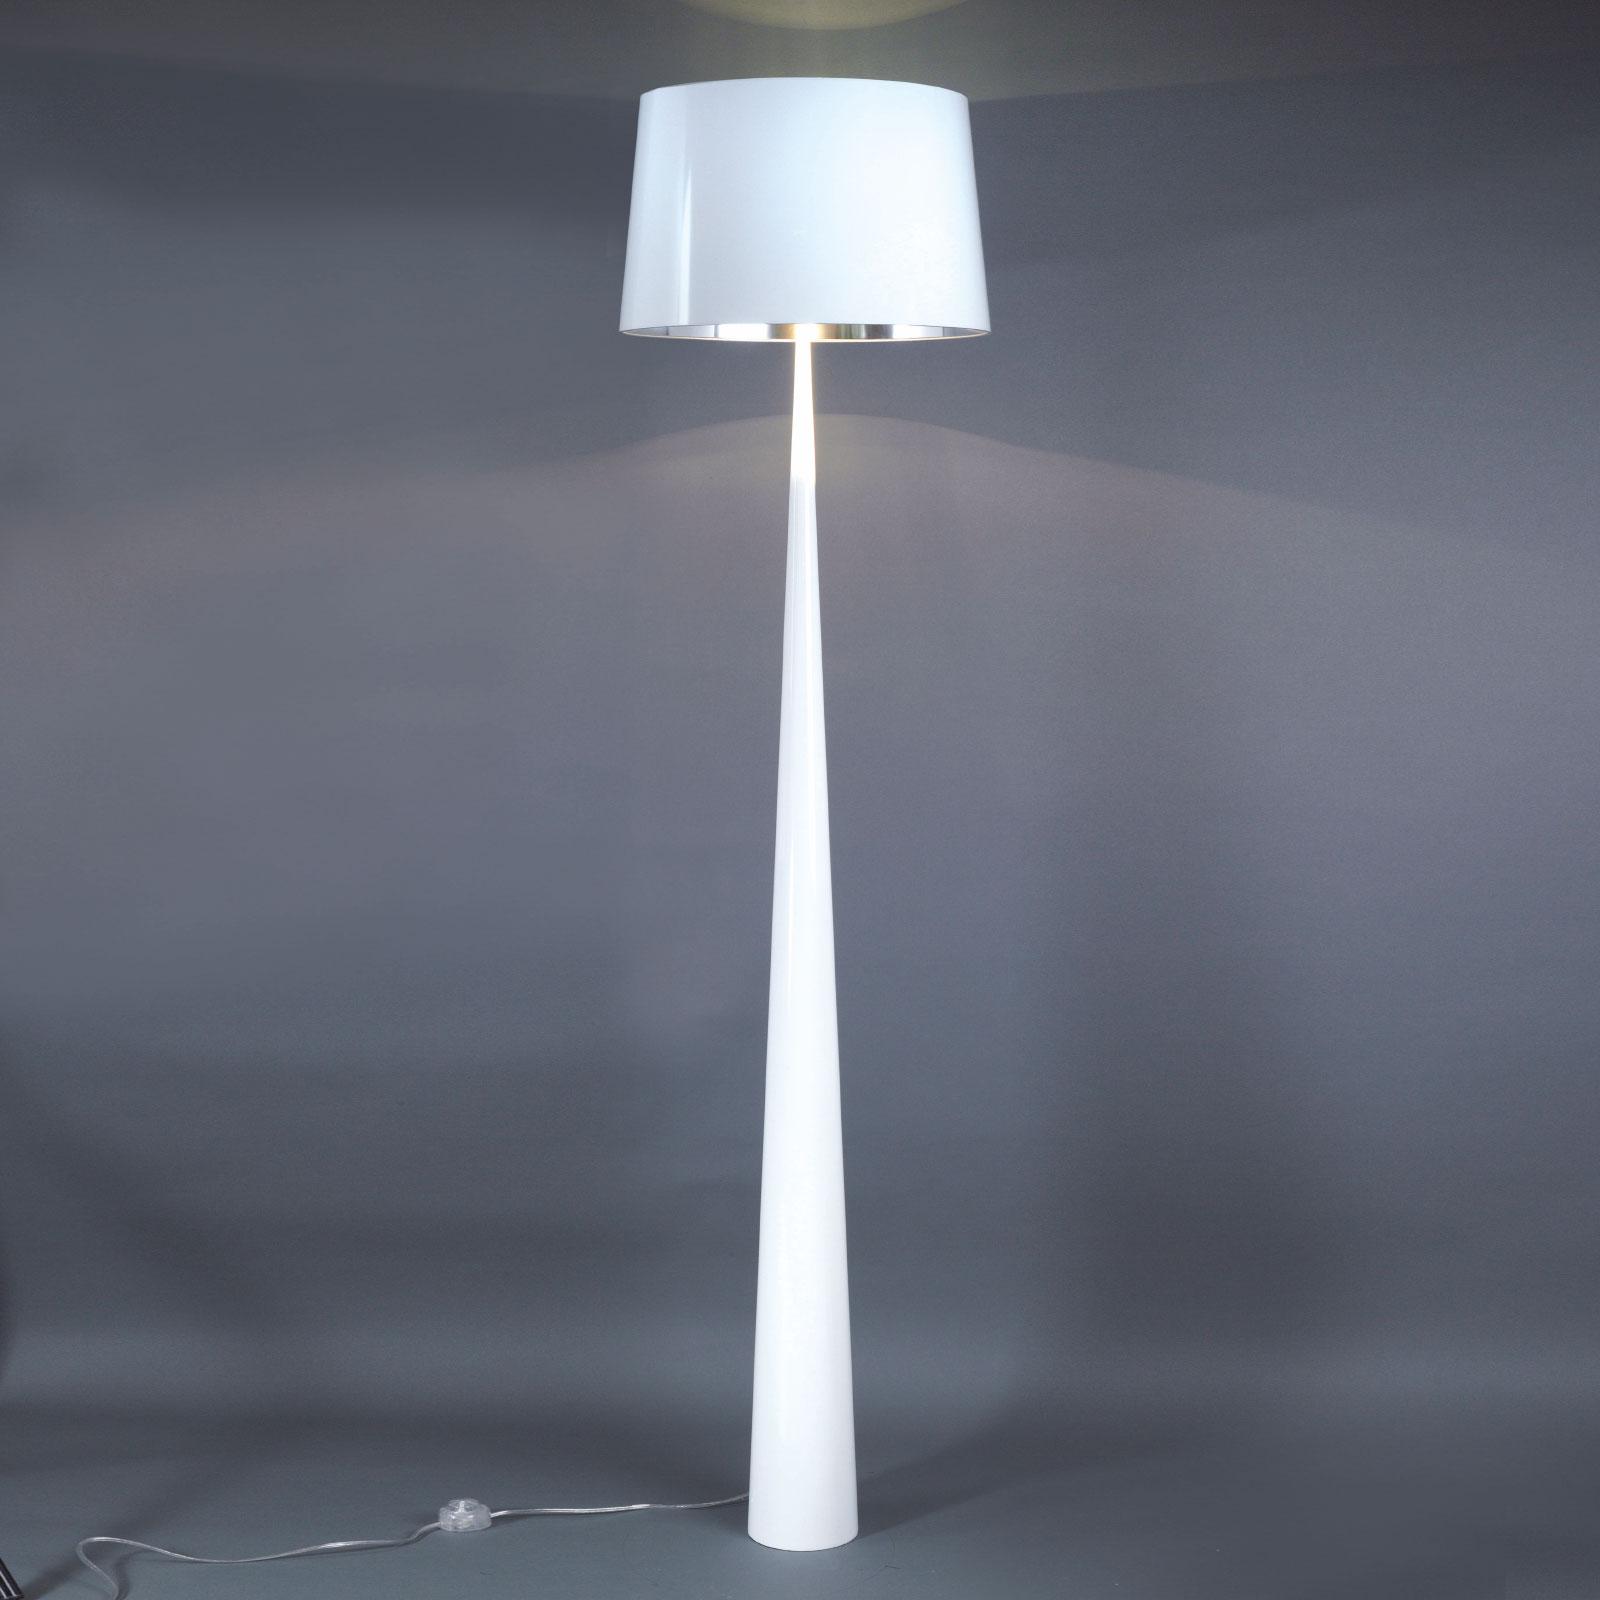 Lampadaire Totem LS à la finition chromée, blanc